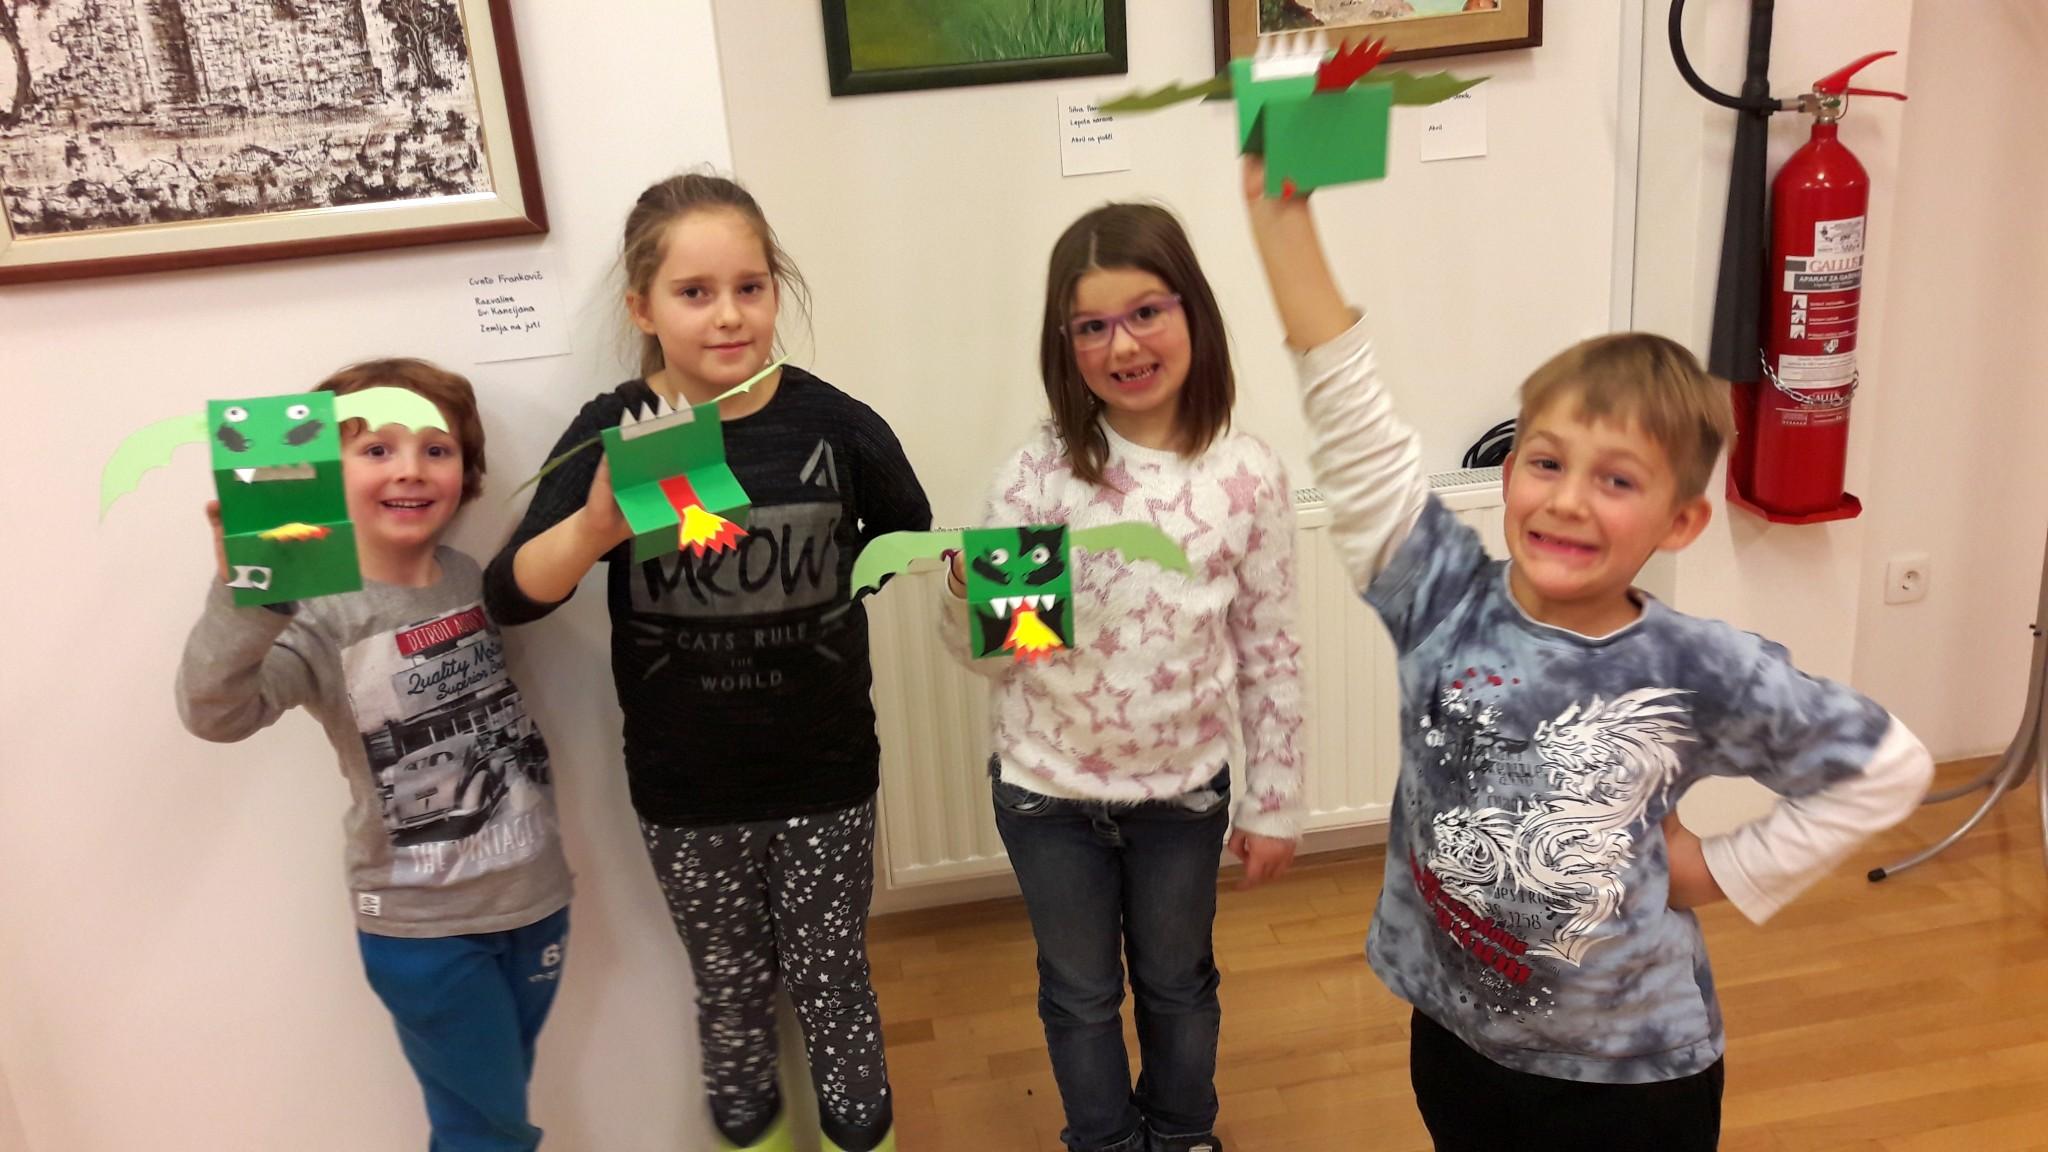 20161115 181704 - Pravljična urica z ustvarjalno delavnico za otroke od 4. leta dalje